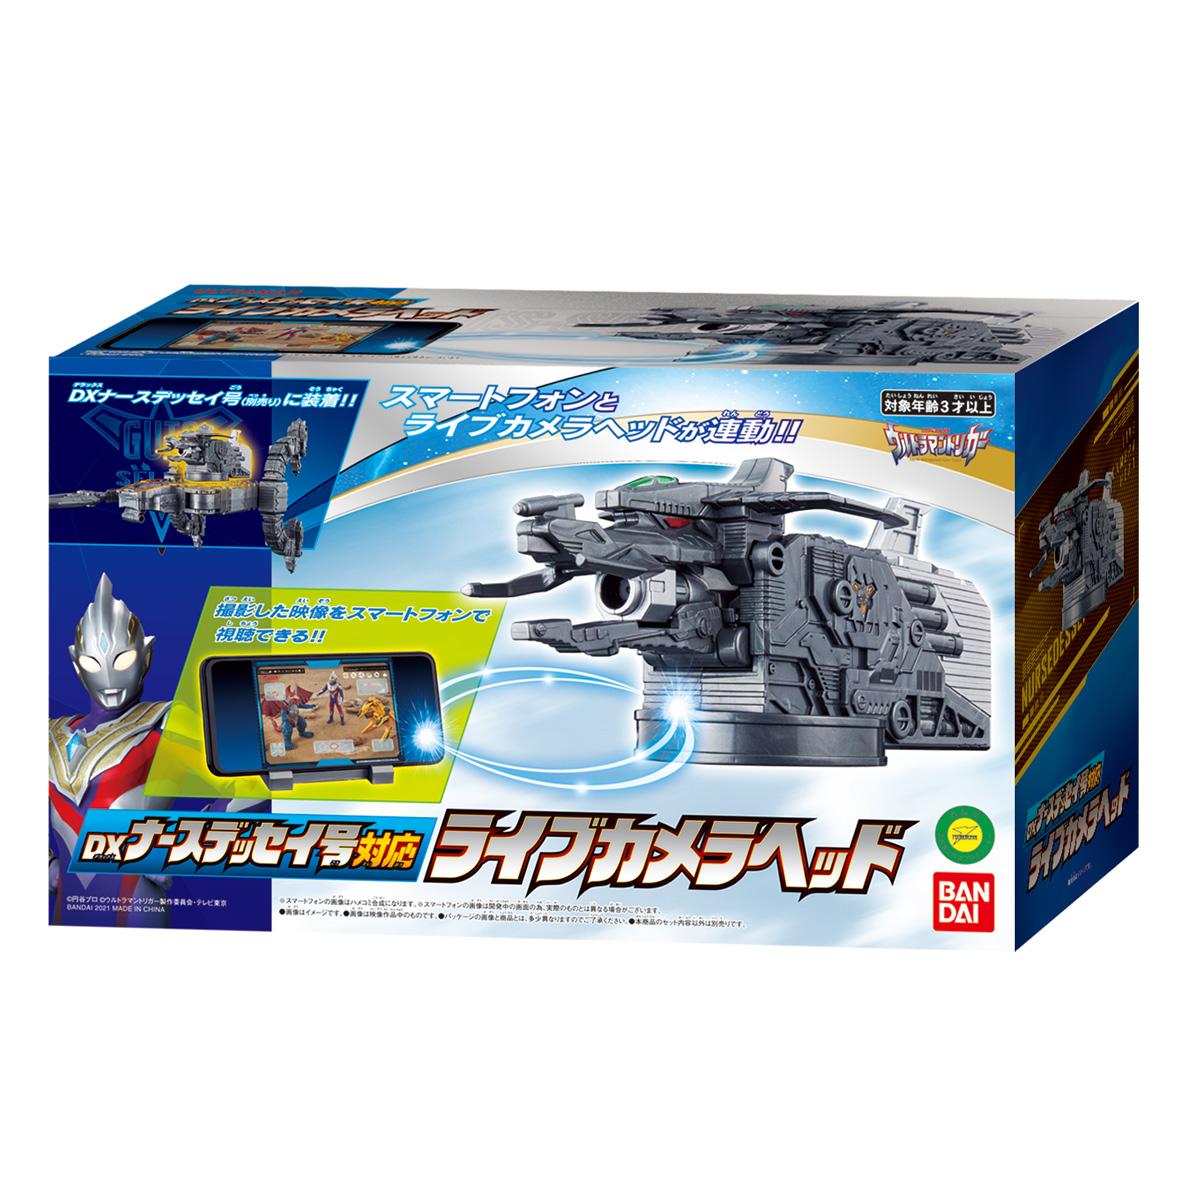 ウルトラマントリガー『渦巻変形 DXナースデッセイ号』可変可動フィギュア-013